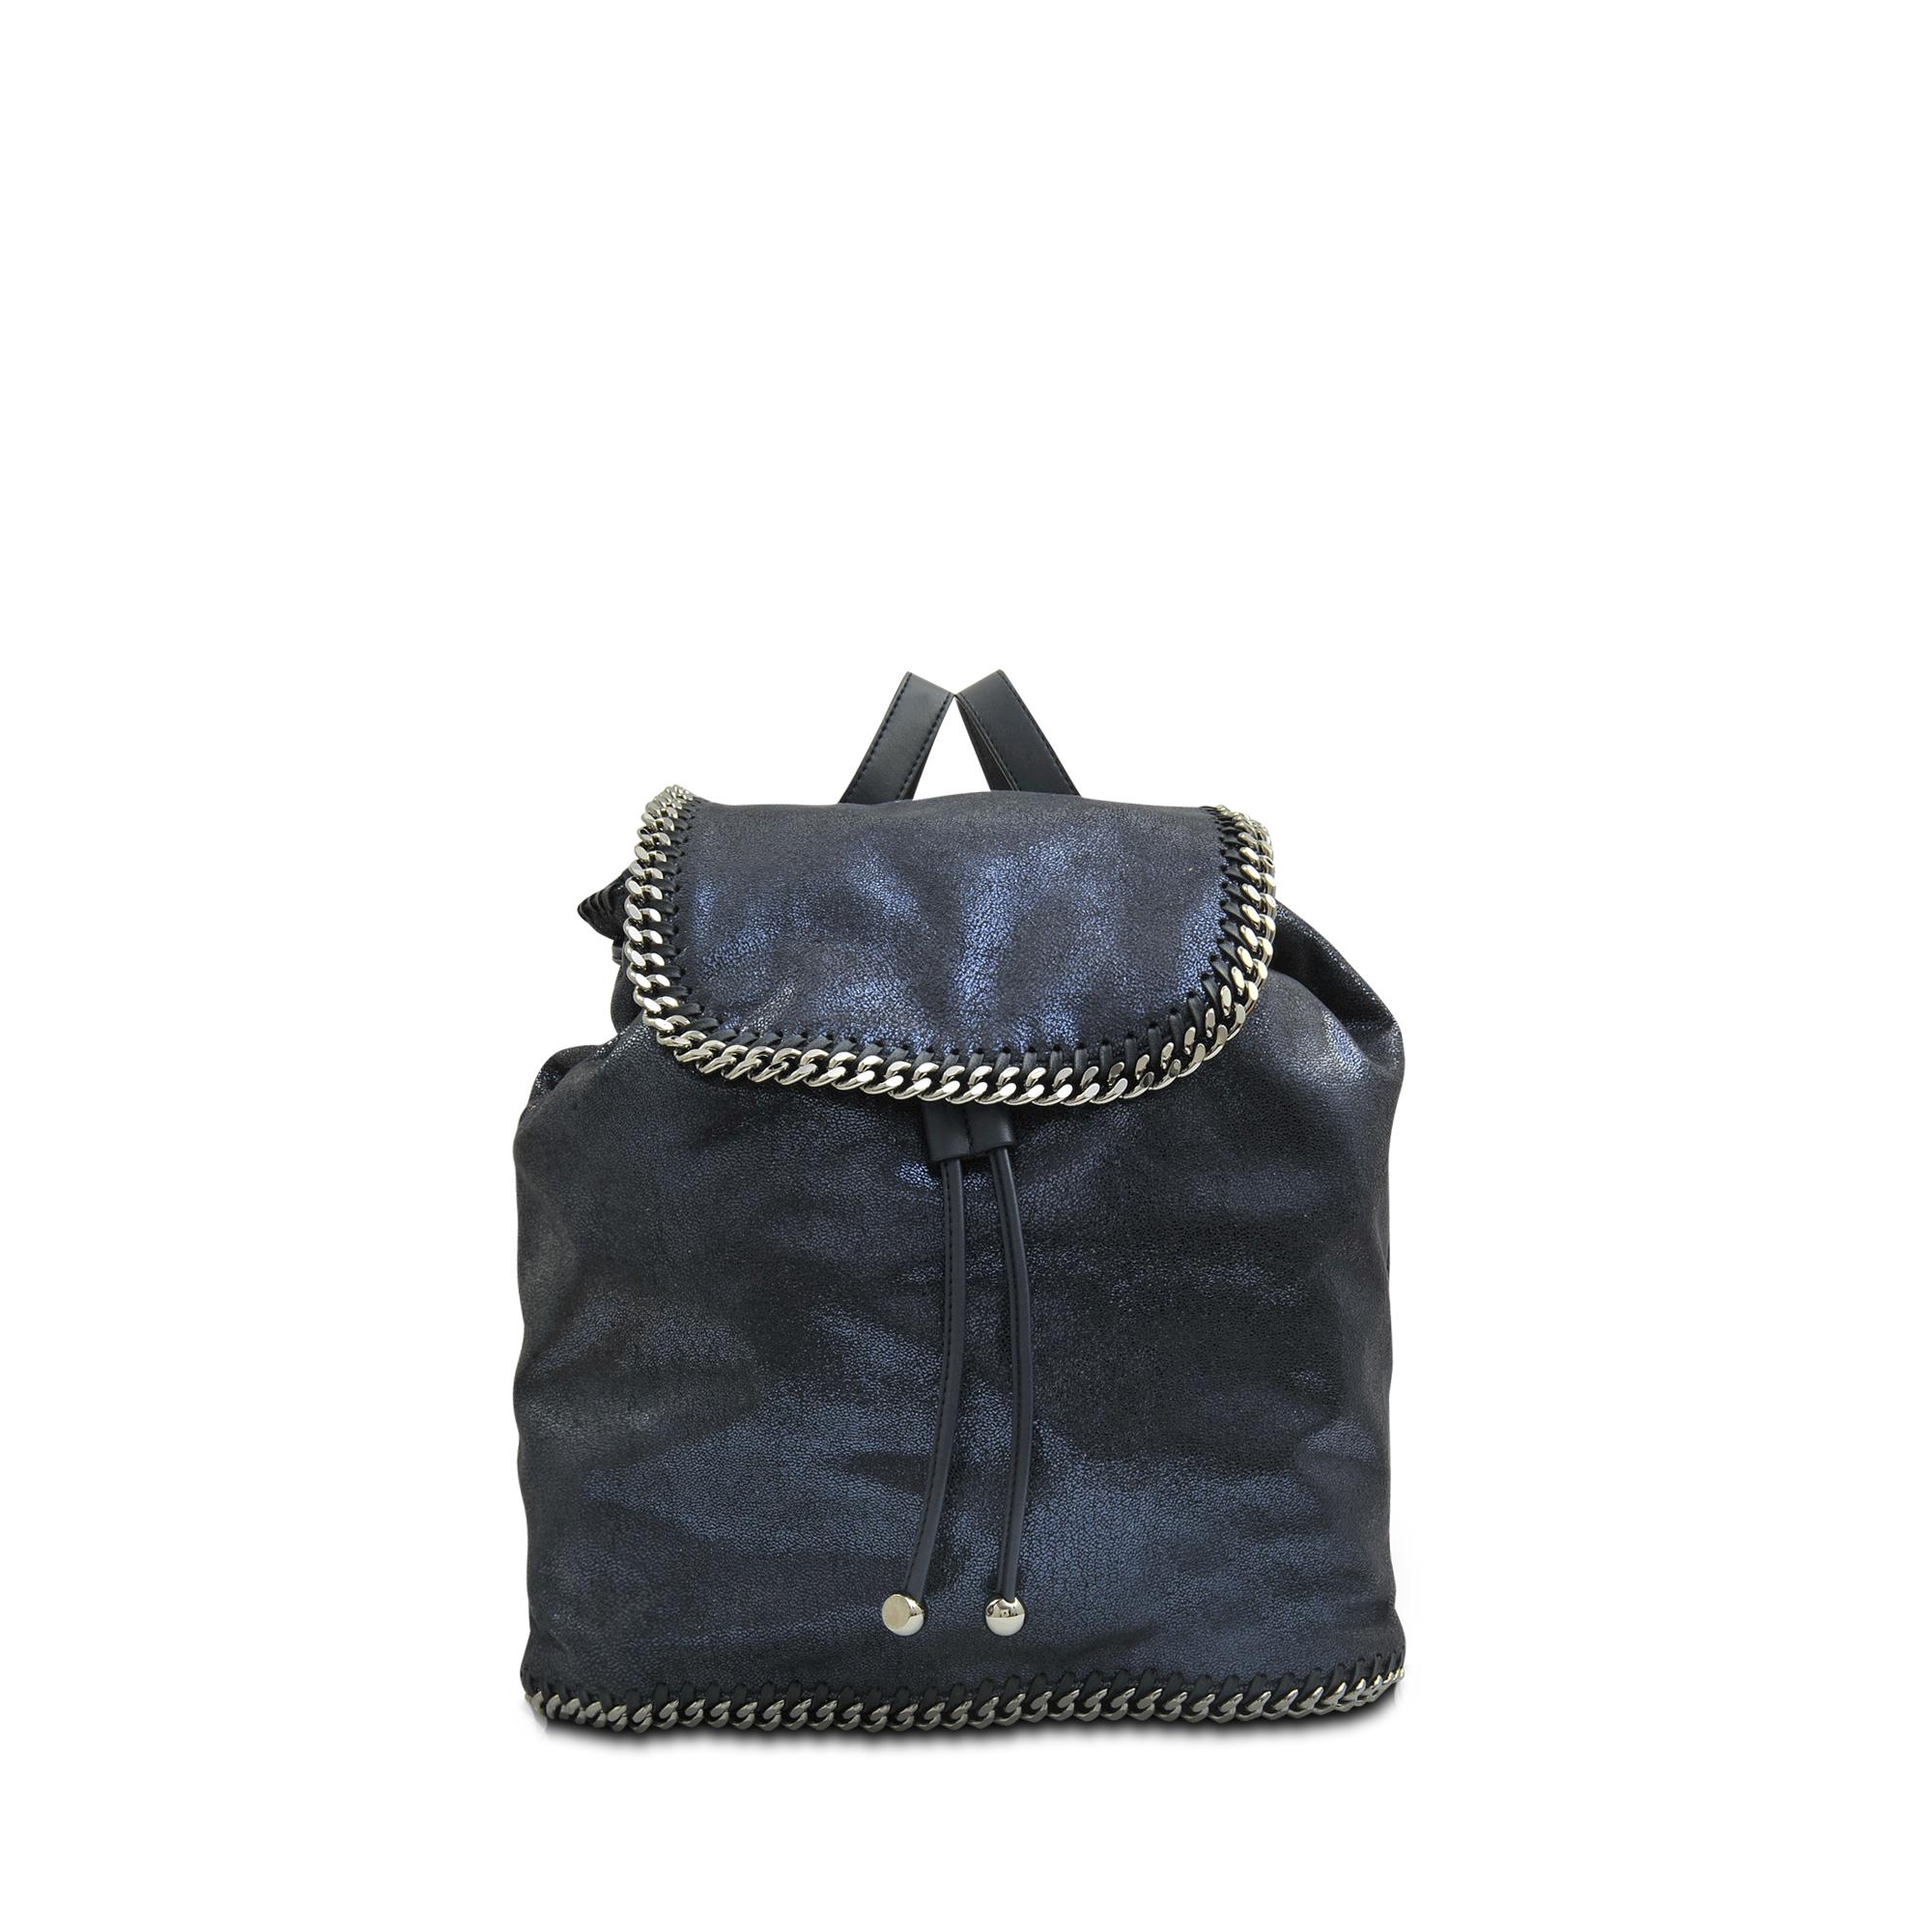 stella mccartney 39 falabella 39 backpack in black lyst. Black Bedroom Furniture Sets. Home Design Ideas